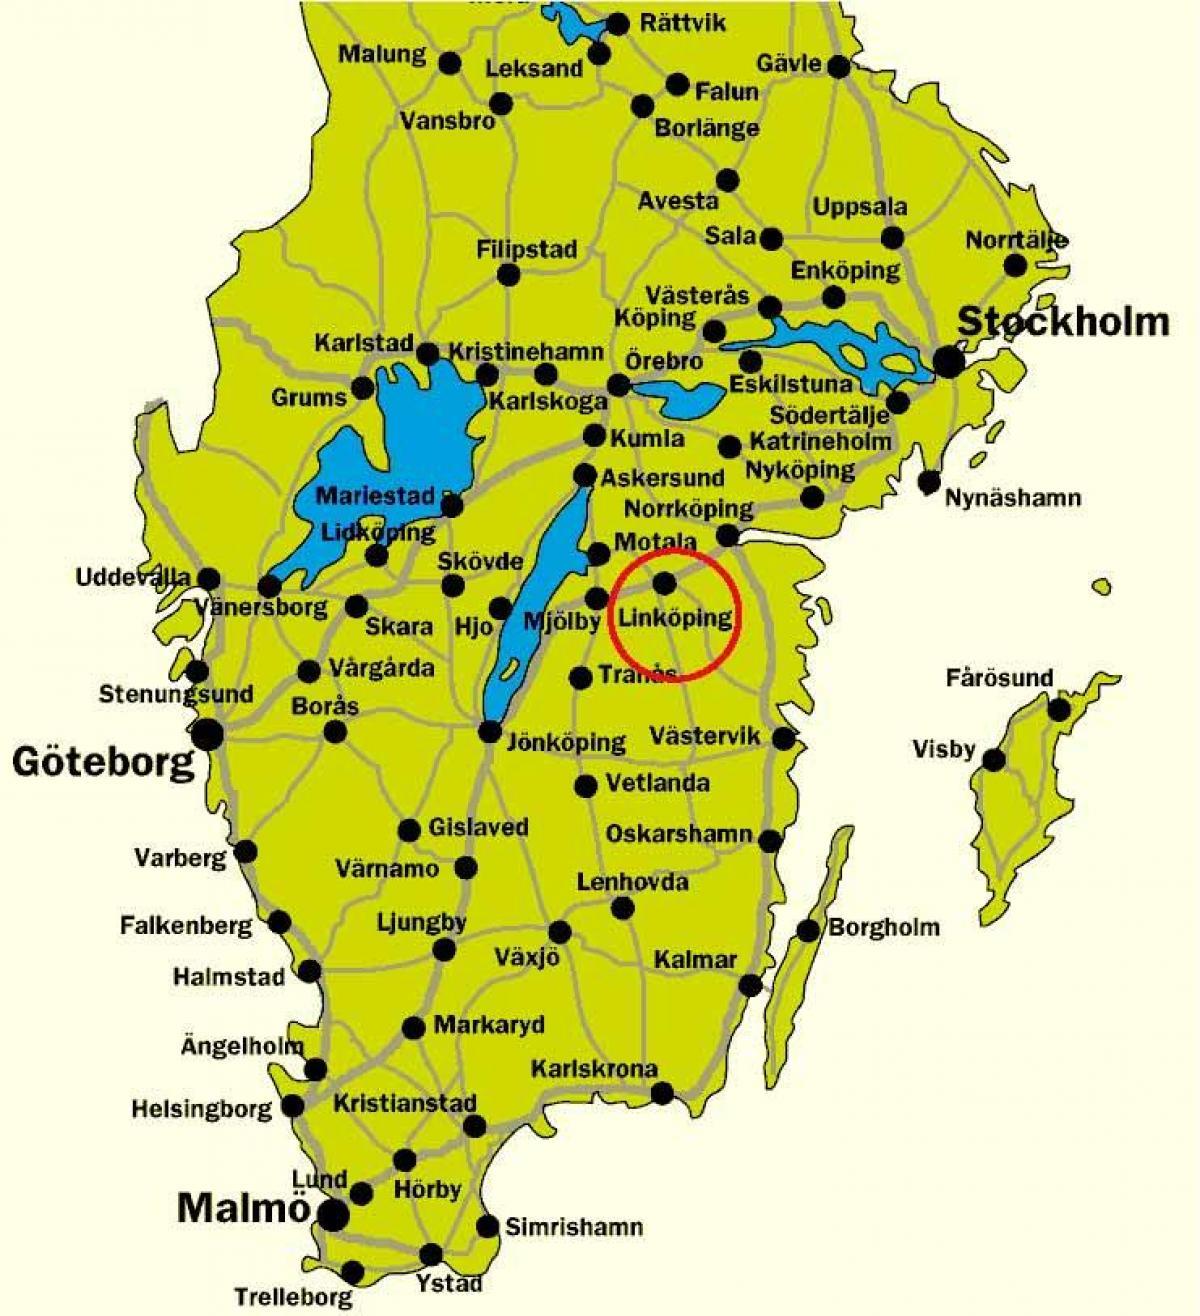 kart over sverige syd Sør Sverige kart   Kart over sør Sverige (Nord Europa   Europa) kart over sverige syd